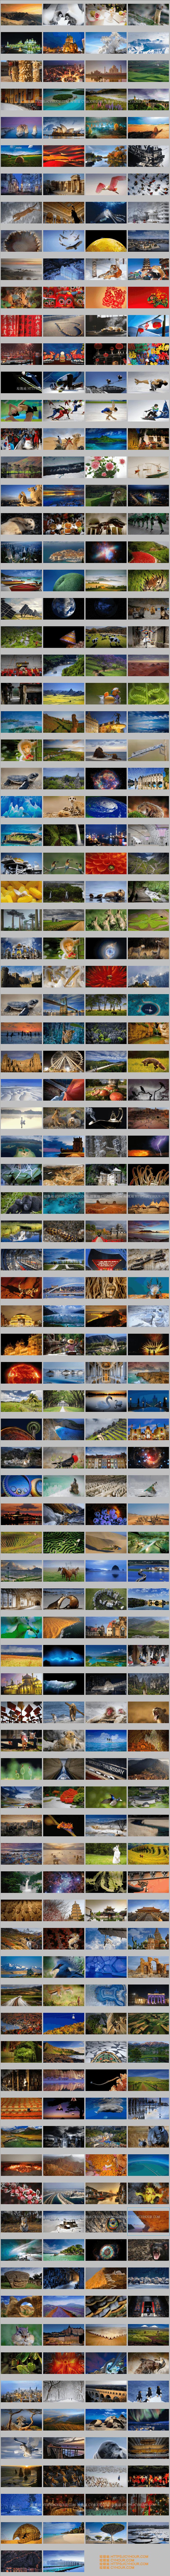 2010 年微软 Bing 必应壁纸图片 共362张 打包下载-垃圾站